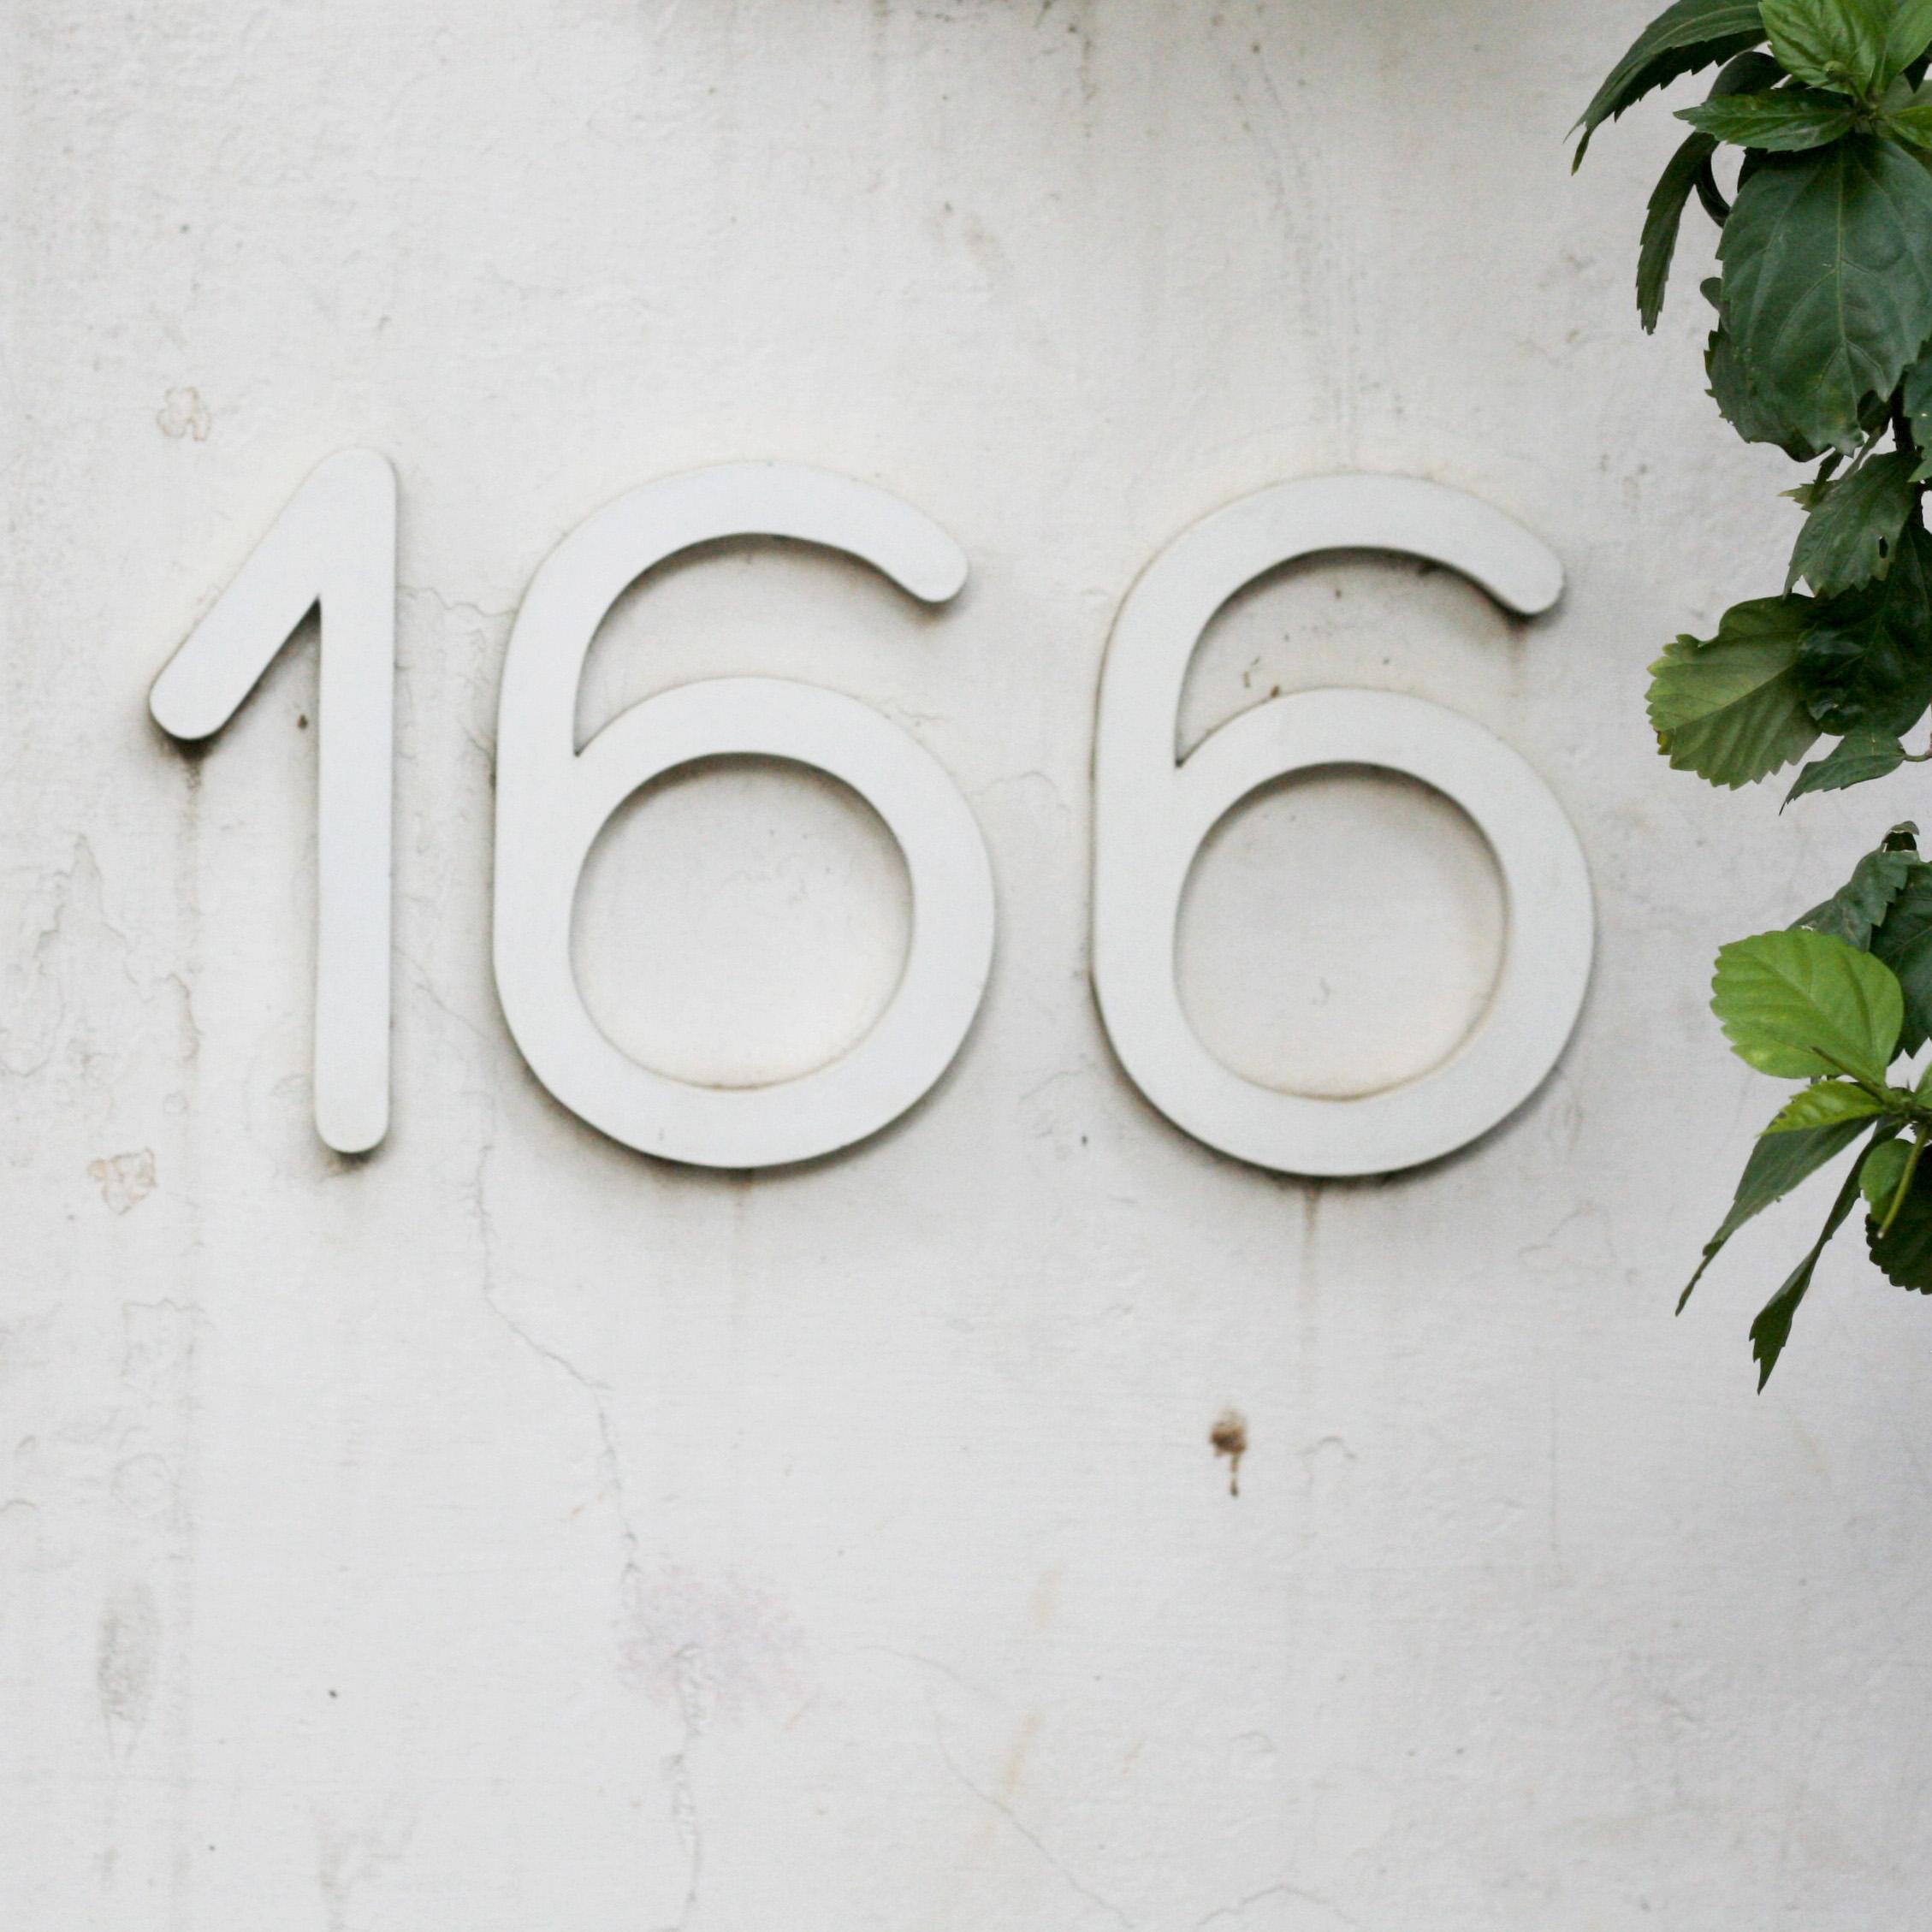 House no. 166